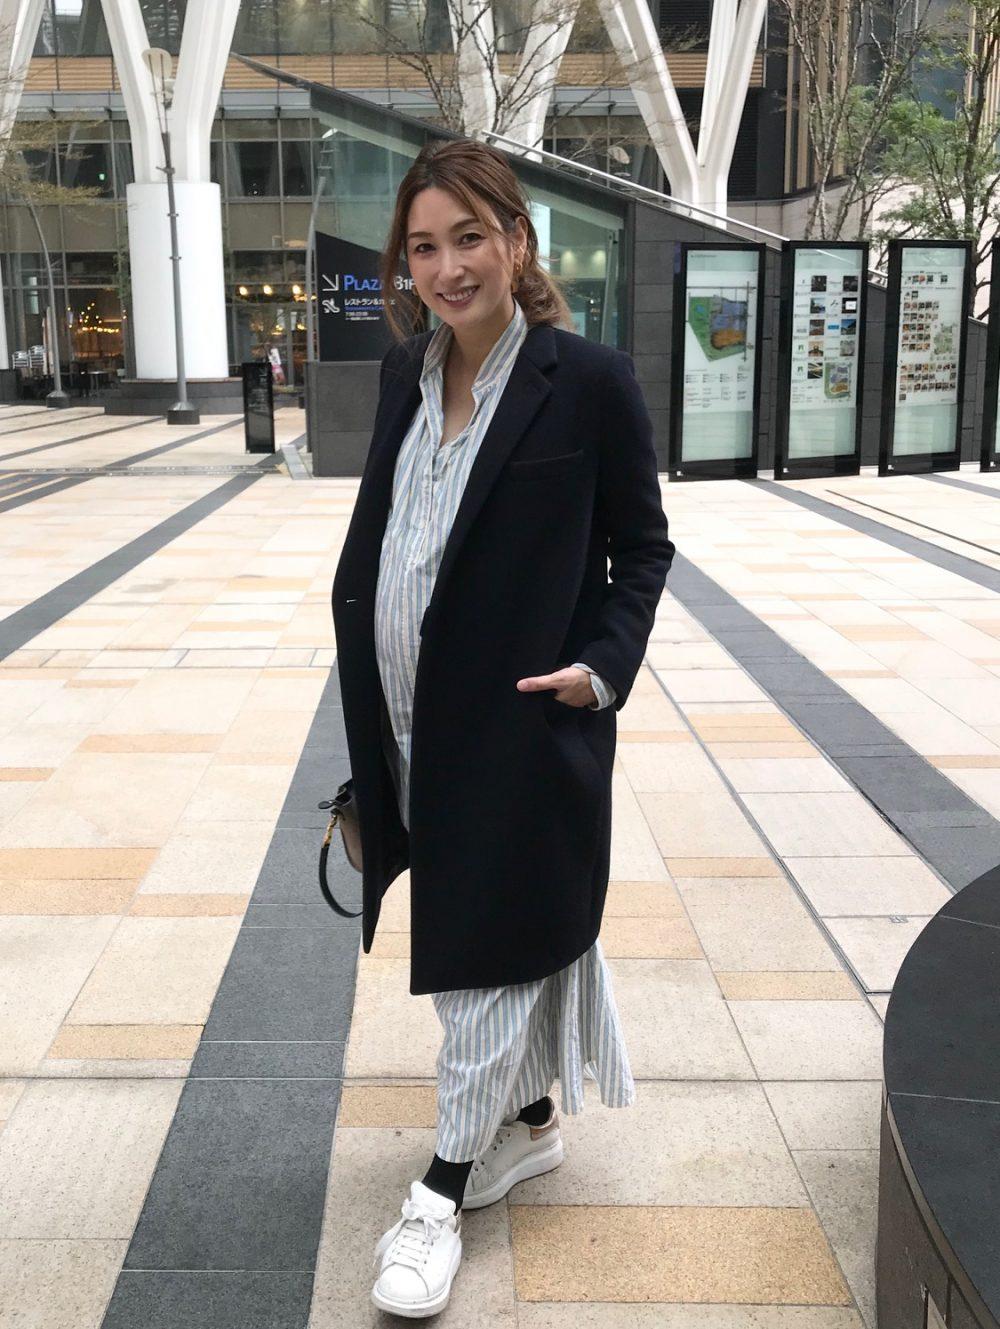 臨月のおしゃれな妊婦さんのten×Ron Herman(テン×ロンハーマン)のシャツワンピース×コートの秋冬におすすめのマタニティコーデ